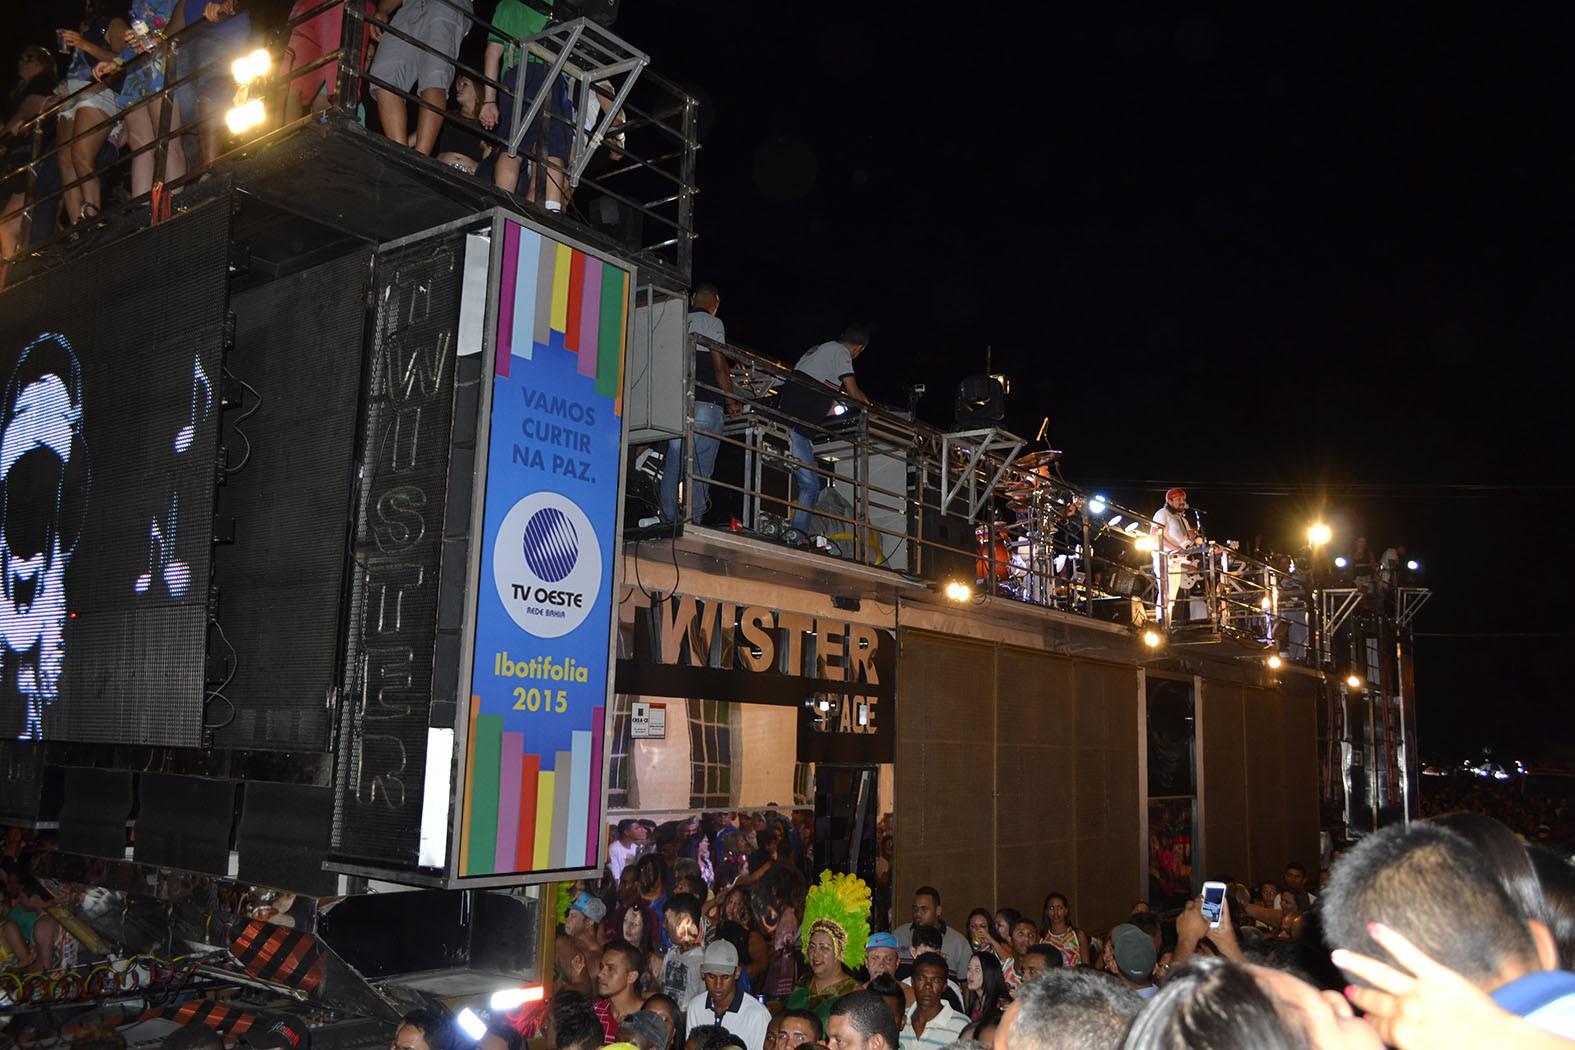 A TV Oeste marcando presença no trio (Foto: Divulgação)